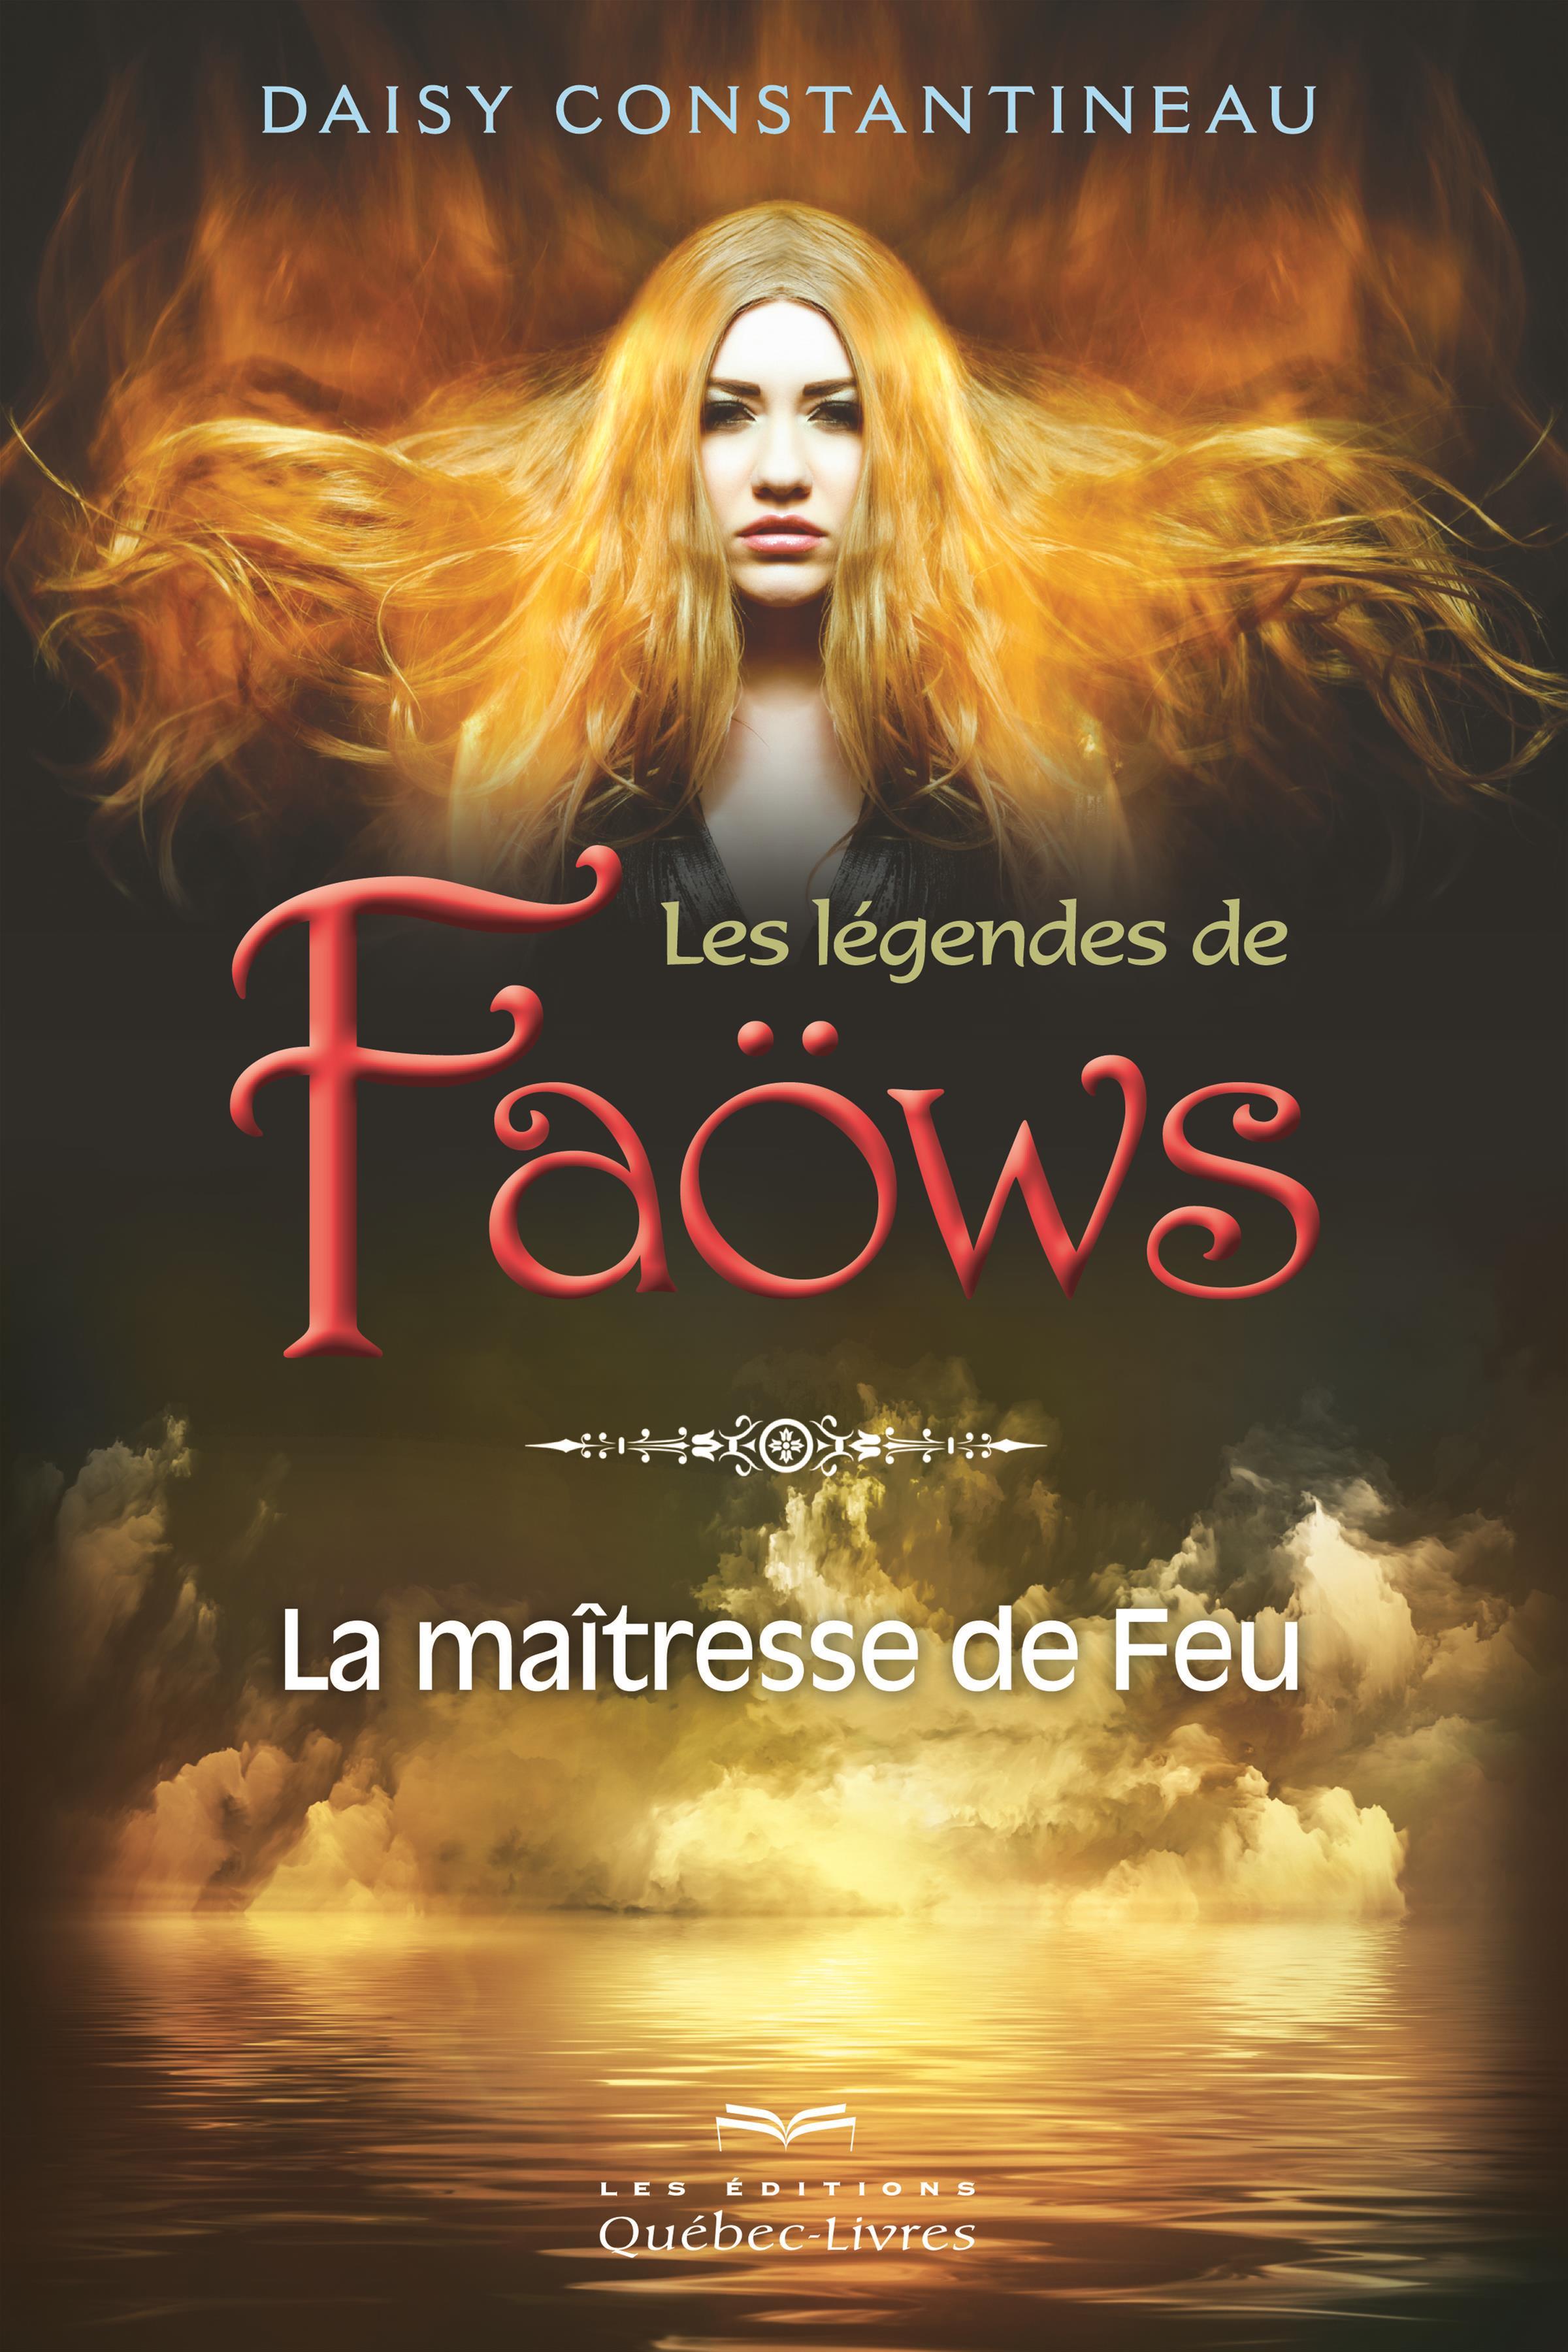 Les légendes de Faöws